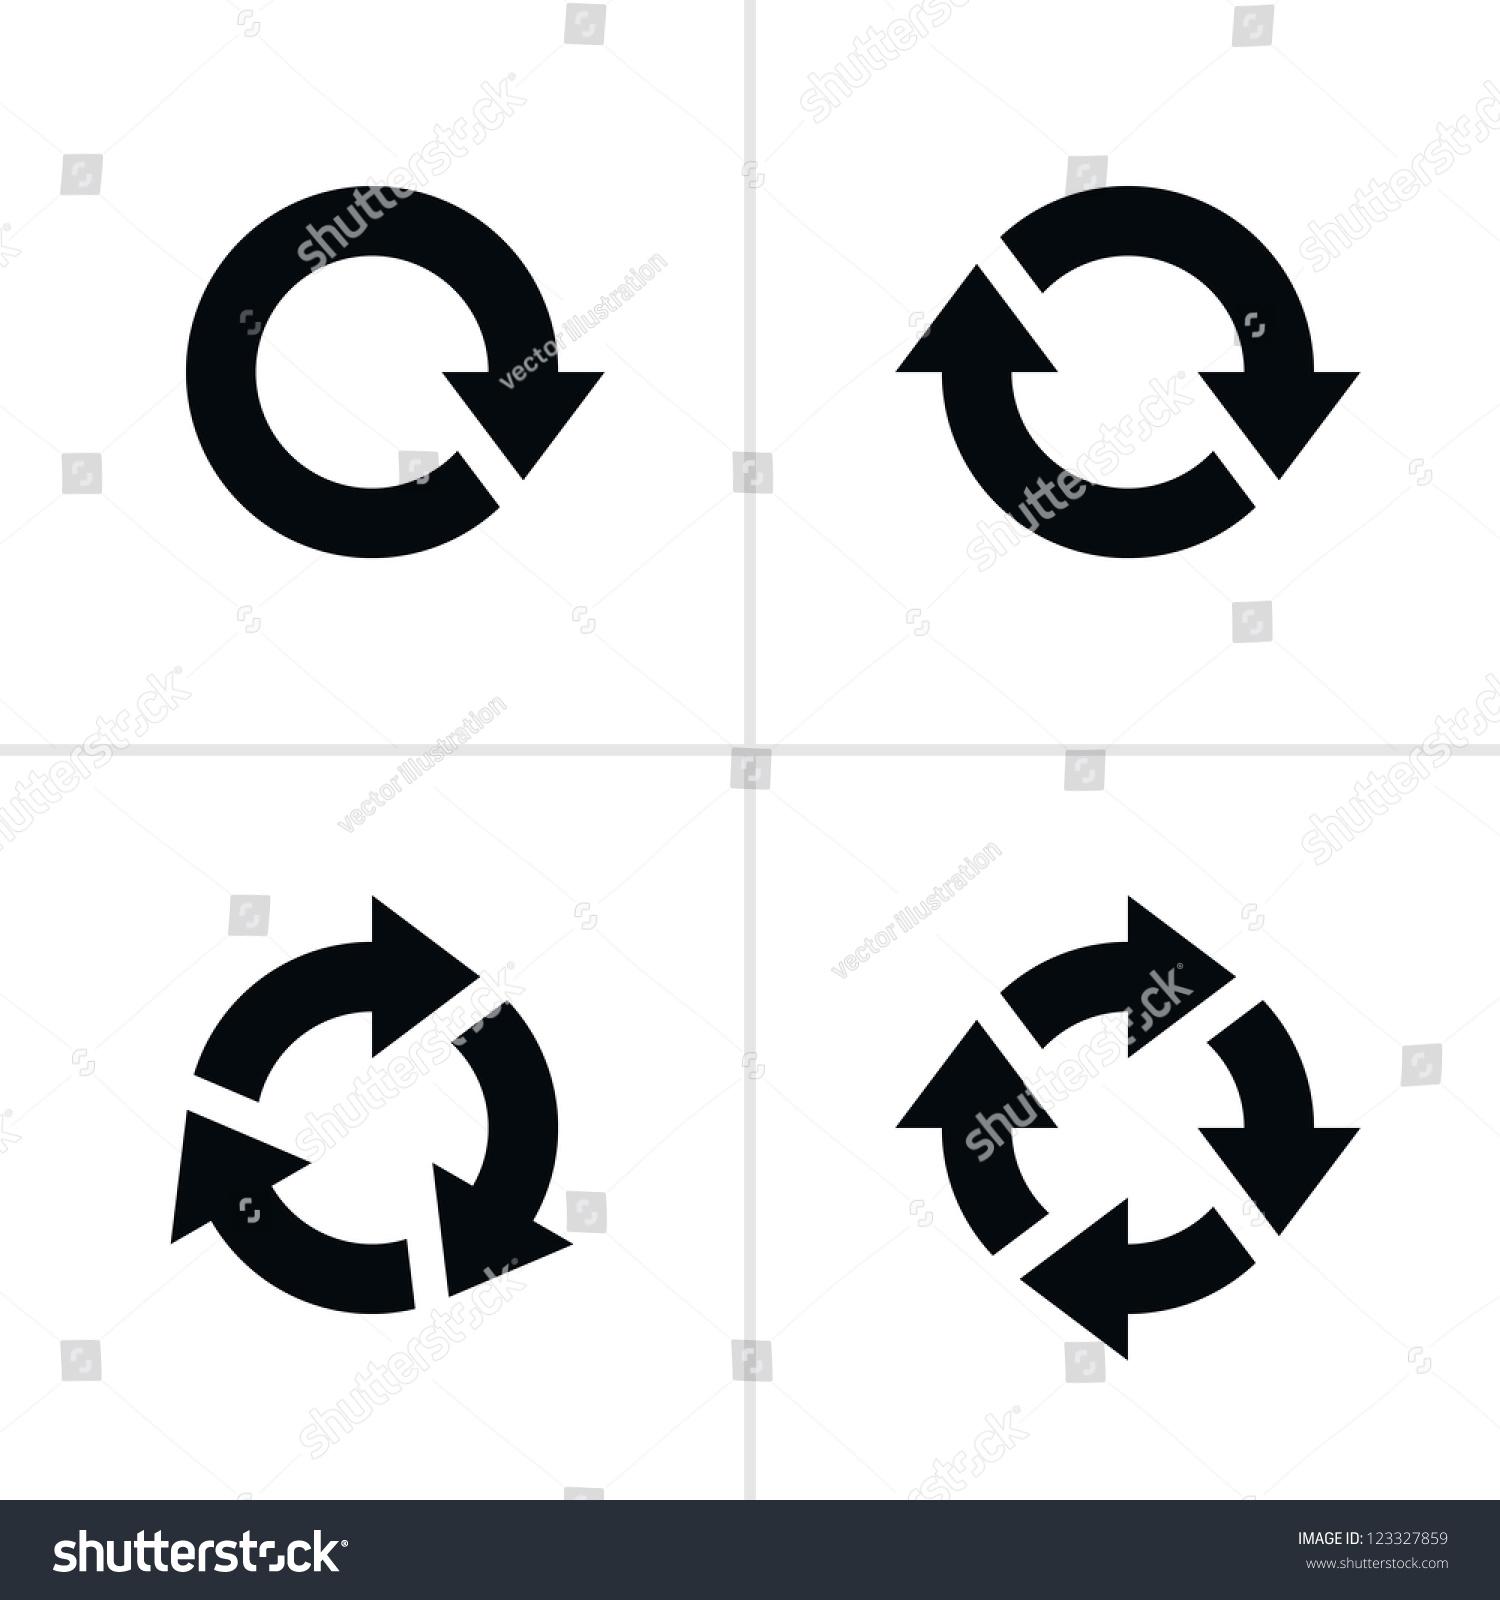 4箭头象形图刷新重载旋转循环标志.卷03.简单的黑色在